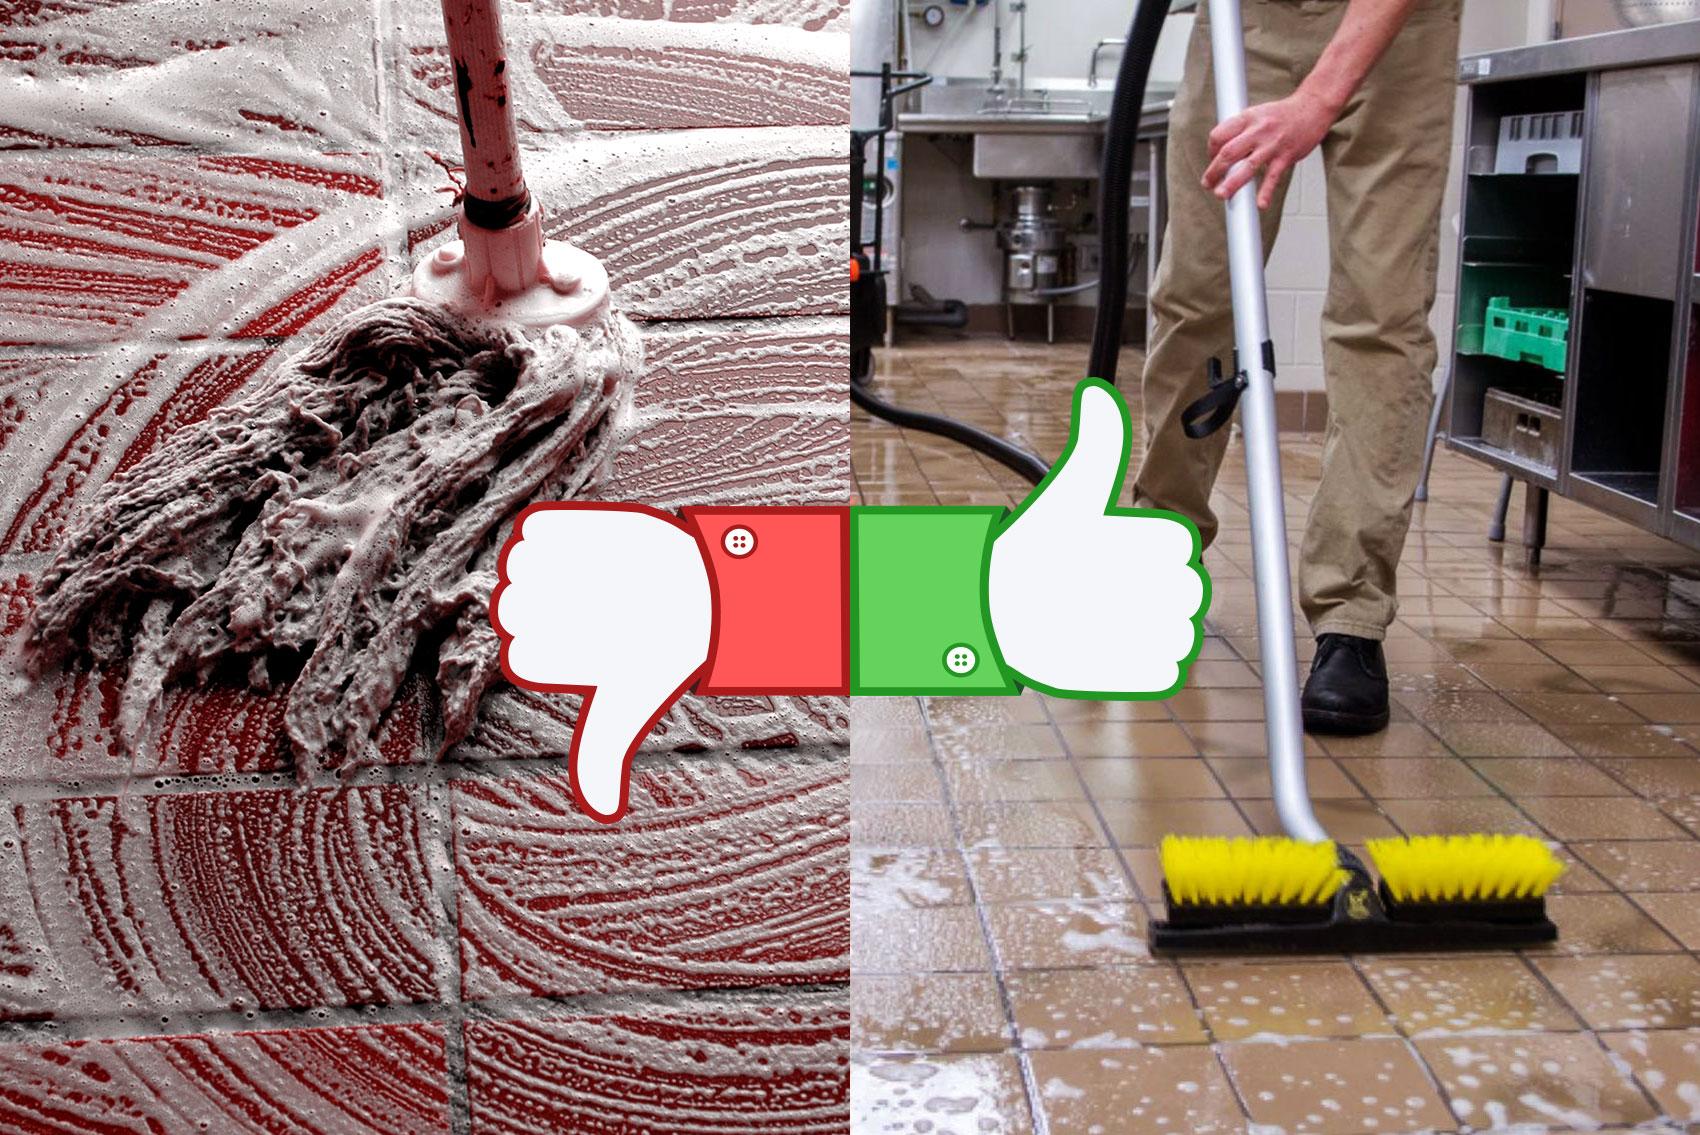 Mop vs úklidový stroj